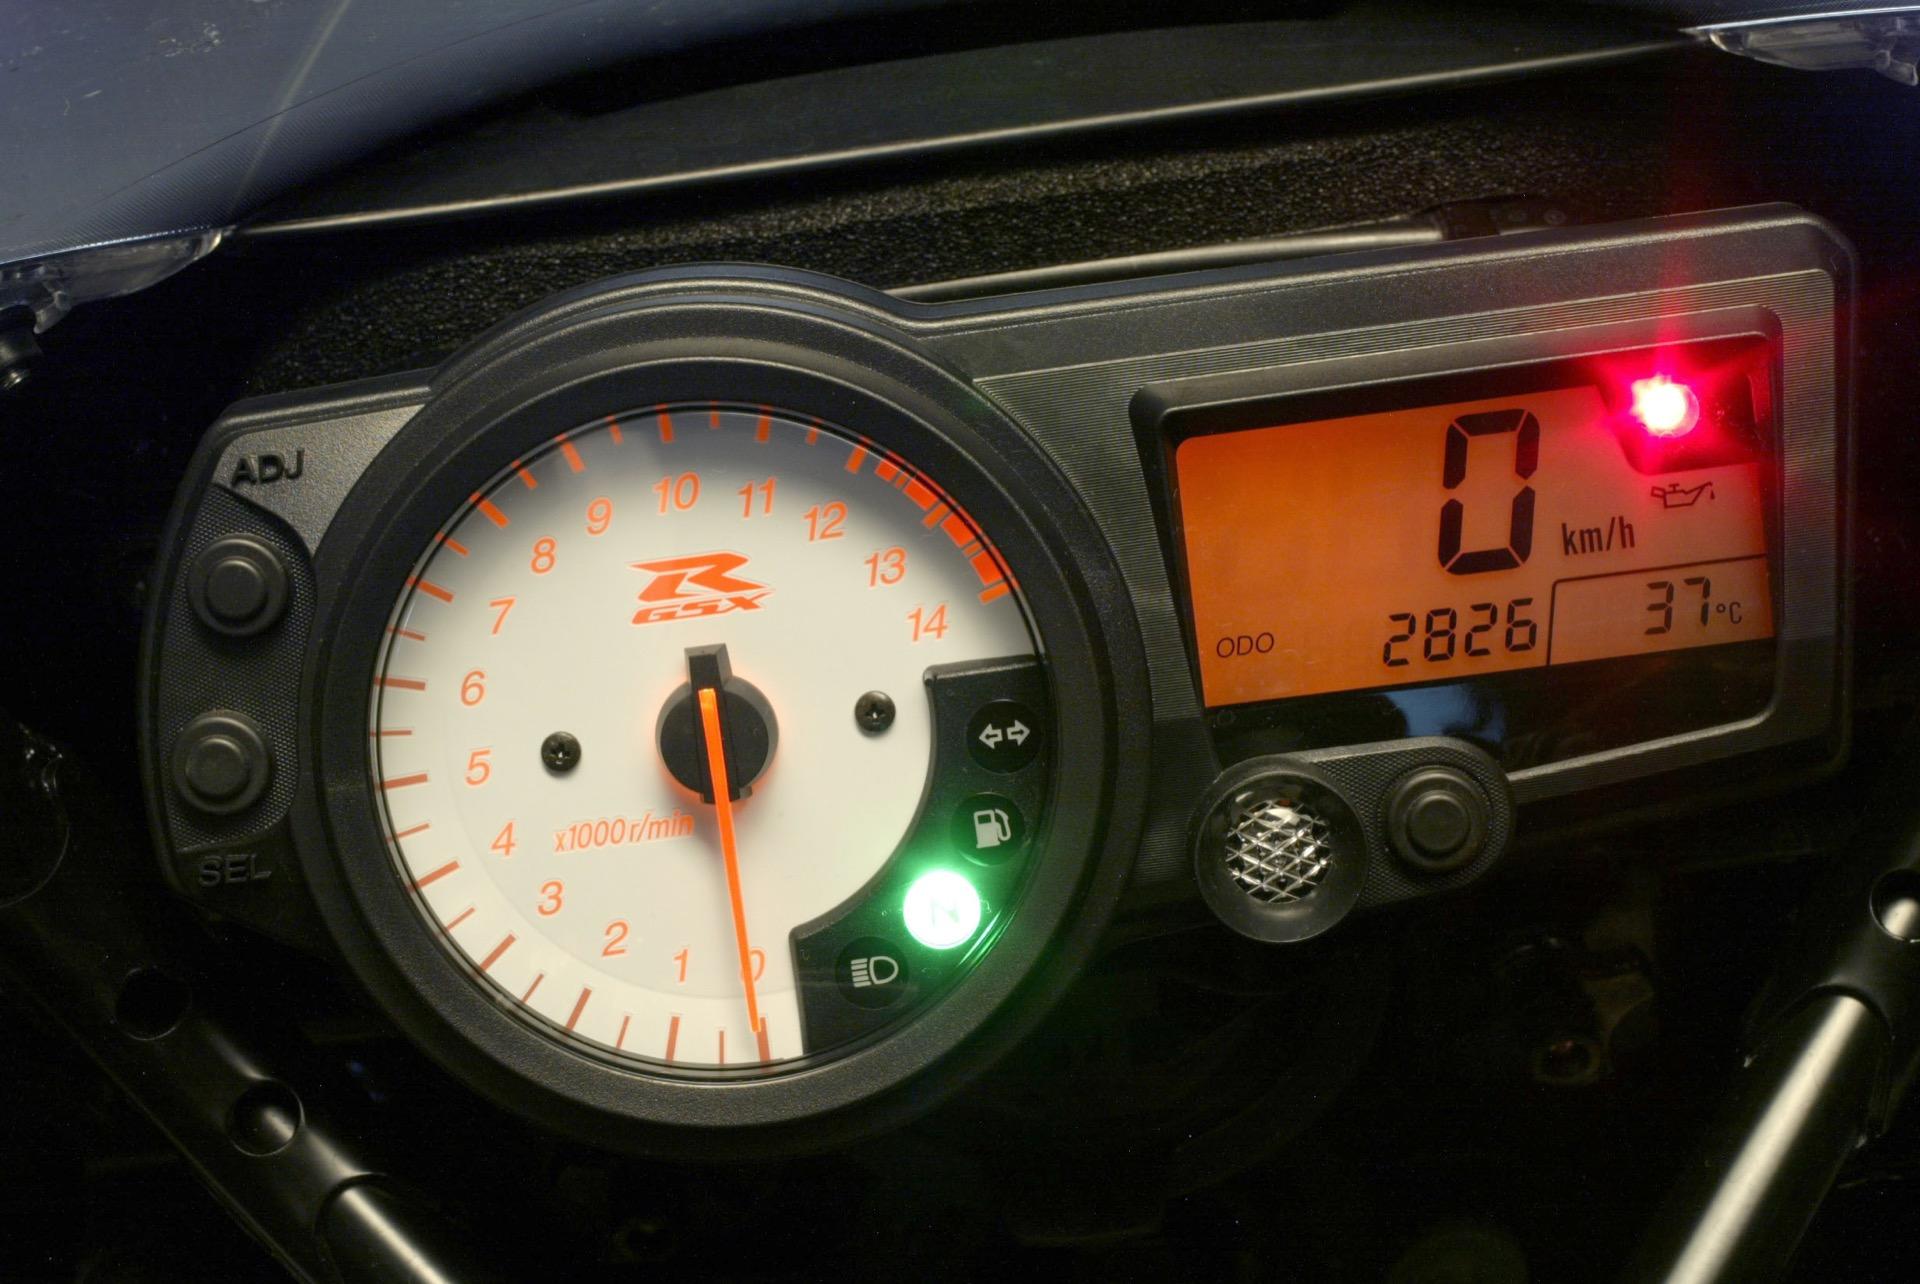 Fotos de la retroprueba Suzuki GSX-R 1000 2003